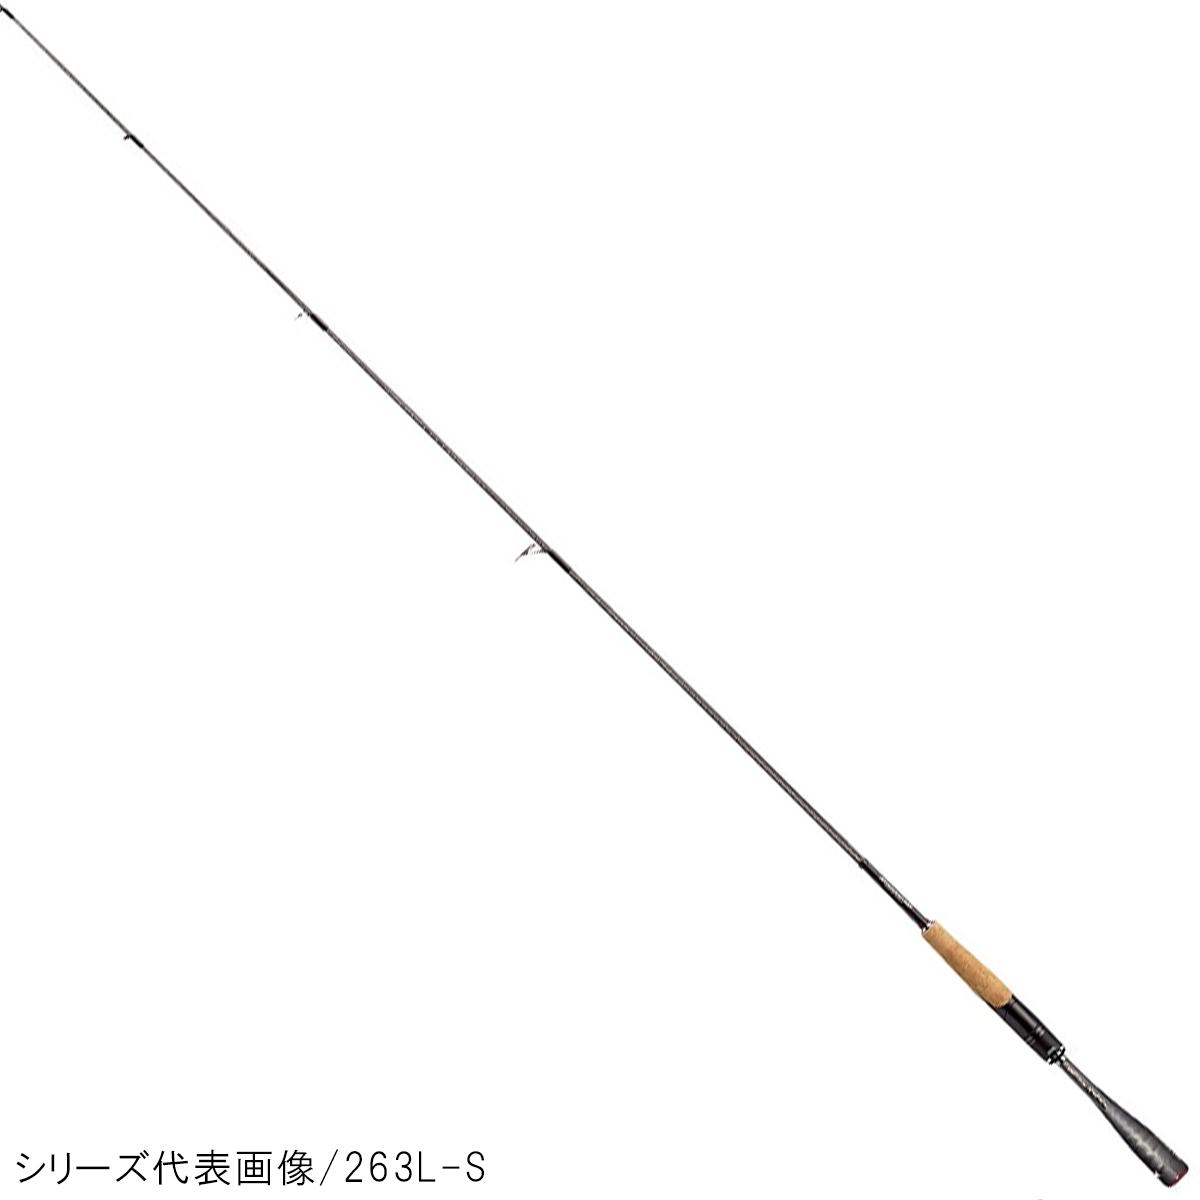 シマノ ポイズングロリアス 264UL-S【大型商品】